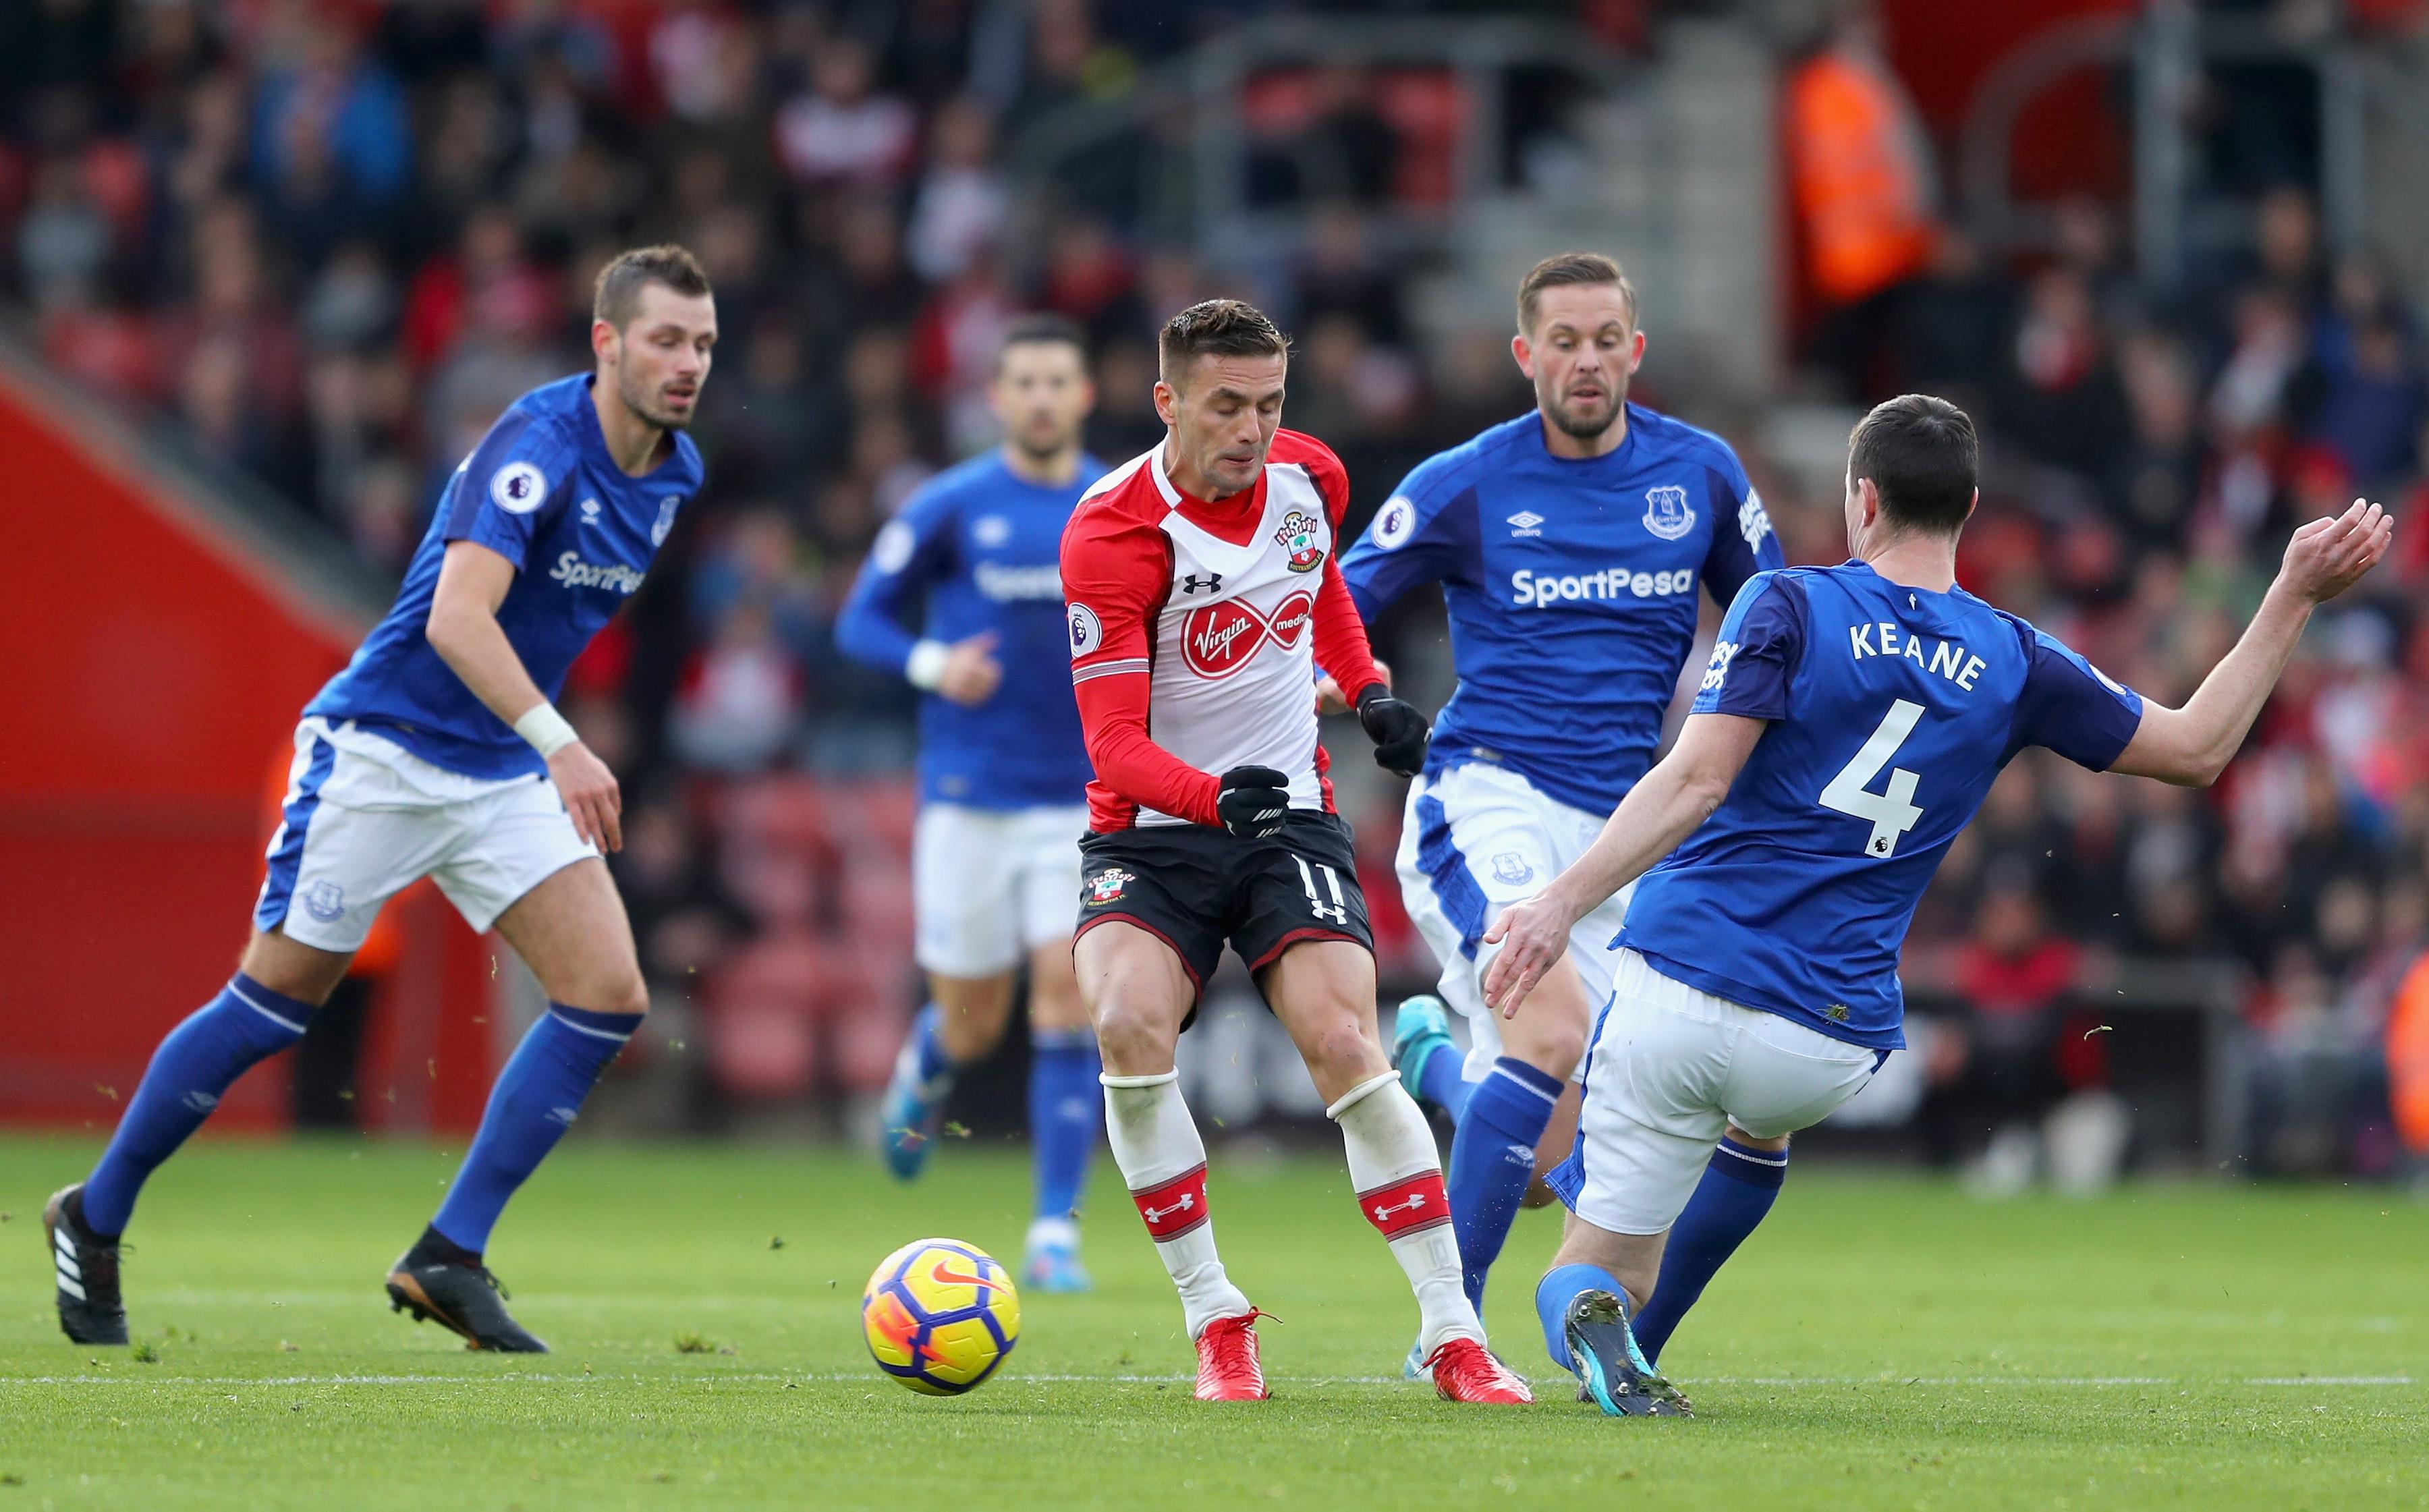 Southampton v Everton - Premier League